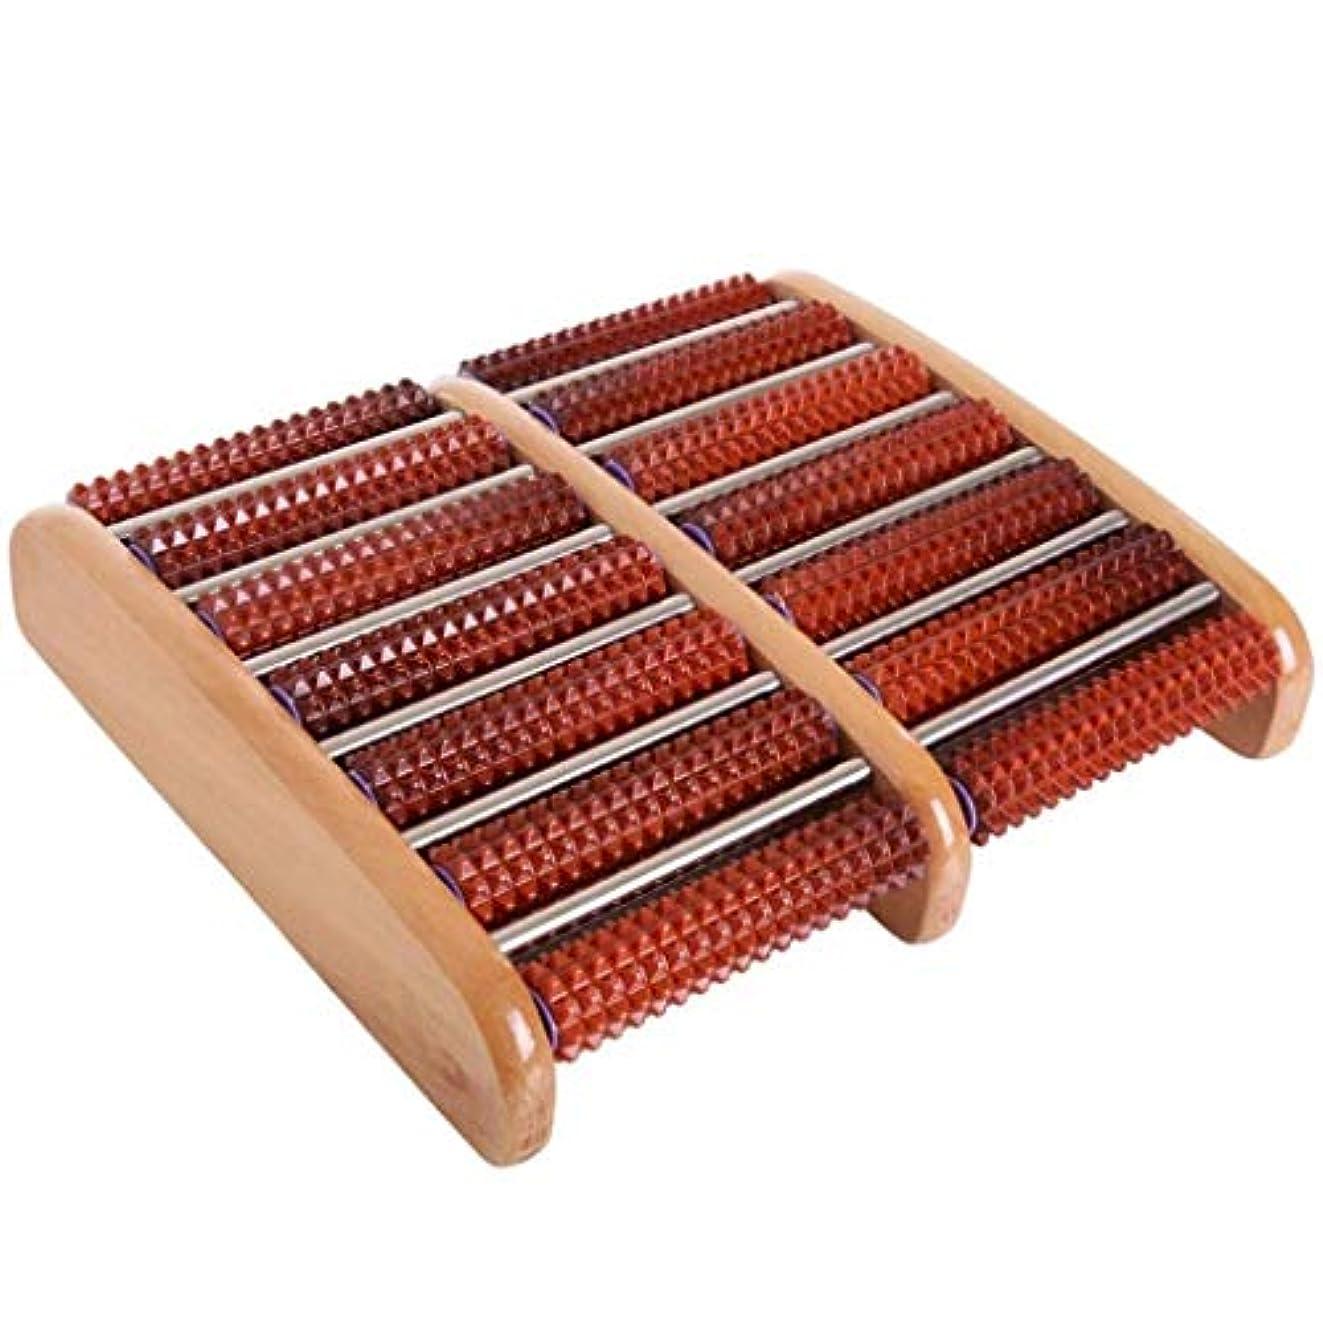 特異な租界クラフト足裏筋膜炎のための圧力/かかととアーチの痛みを和らげ、筋肉をリラックスさせ、フットマッサージャーをする木製のフットマッサージローラー (Color : A)